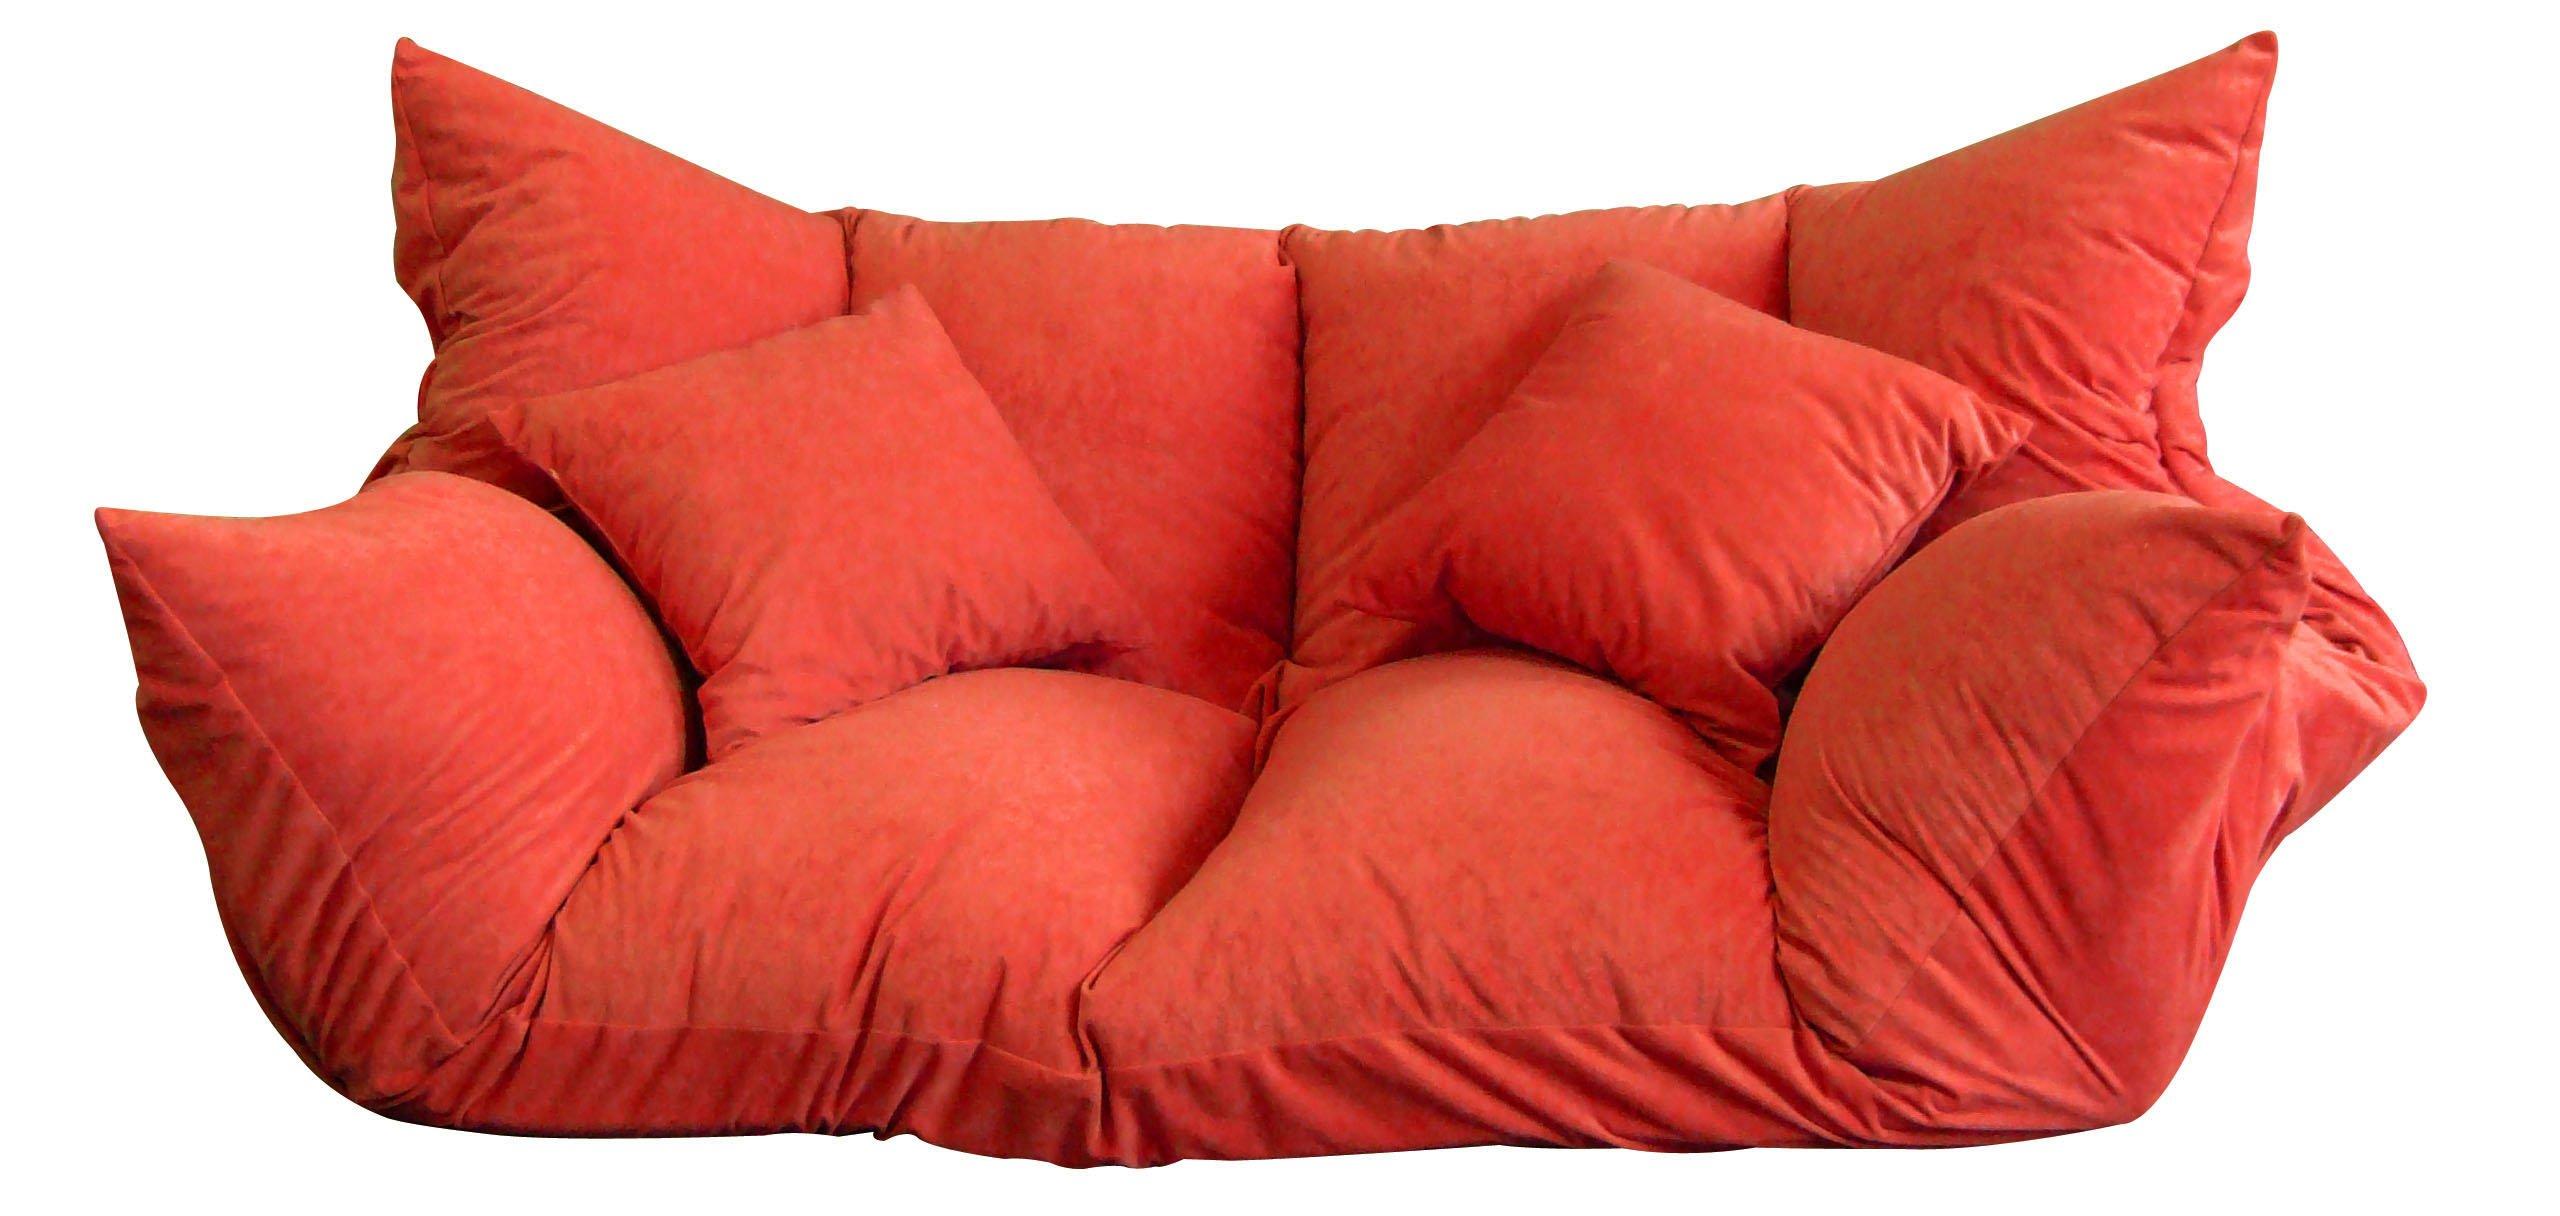 2人掛け ベッドとして使えるソファ ミニマルチ スエード調レッド FB1803